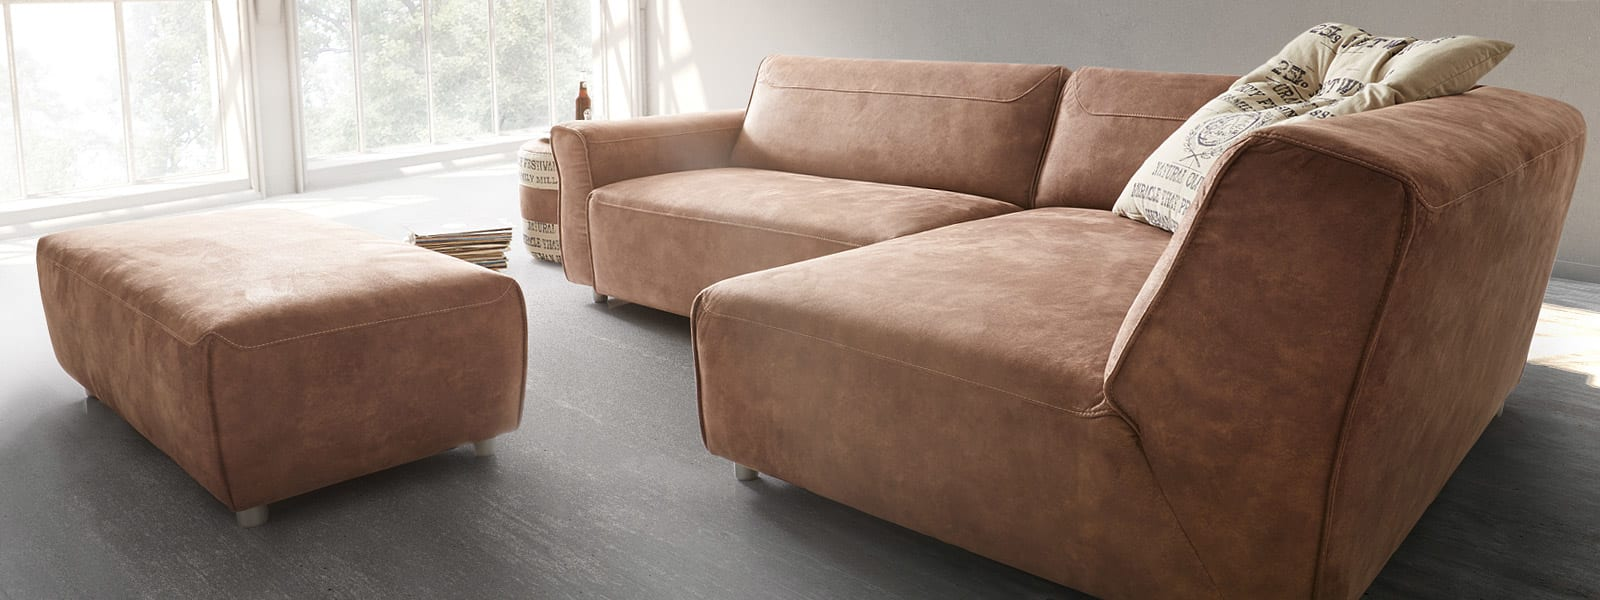 infos ultsch polsterm bel modelle pflege. Black Bedroom Furniture Sets. Home Design Ideas